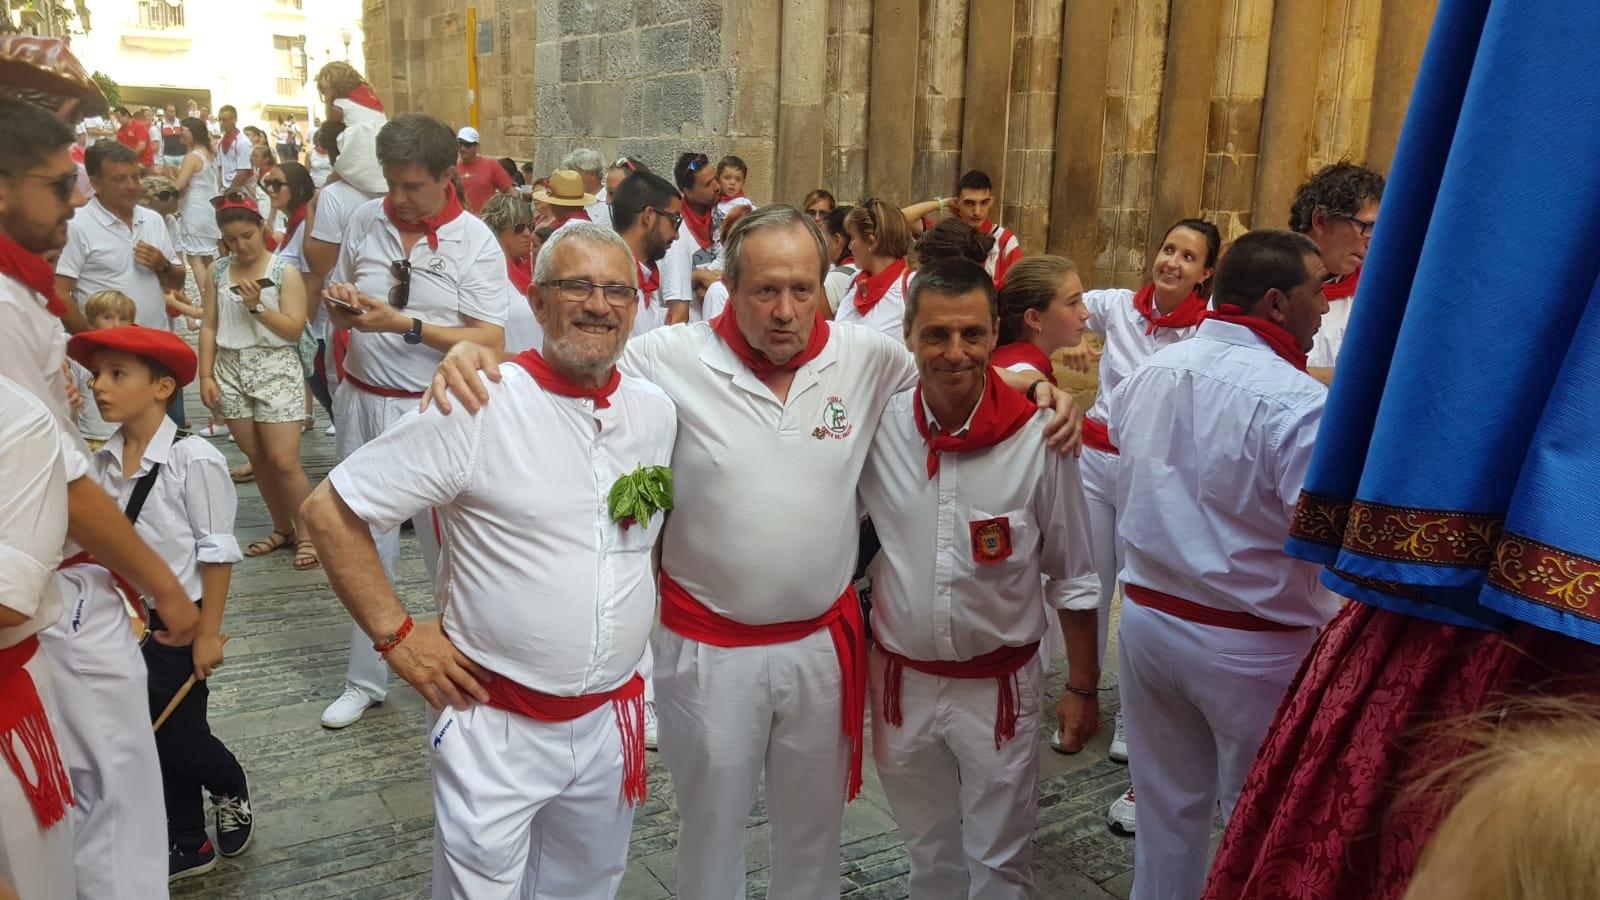 La Comparsa de gigantes y cabezudos de Tudela homenajea al Volatin